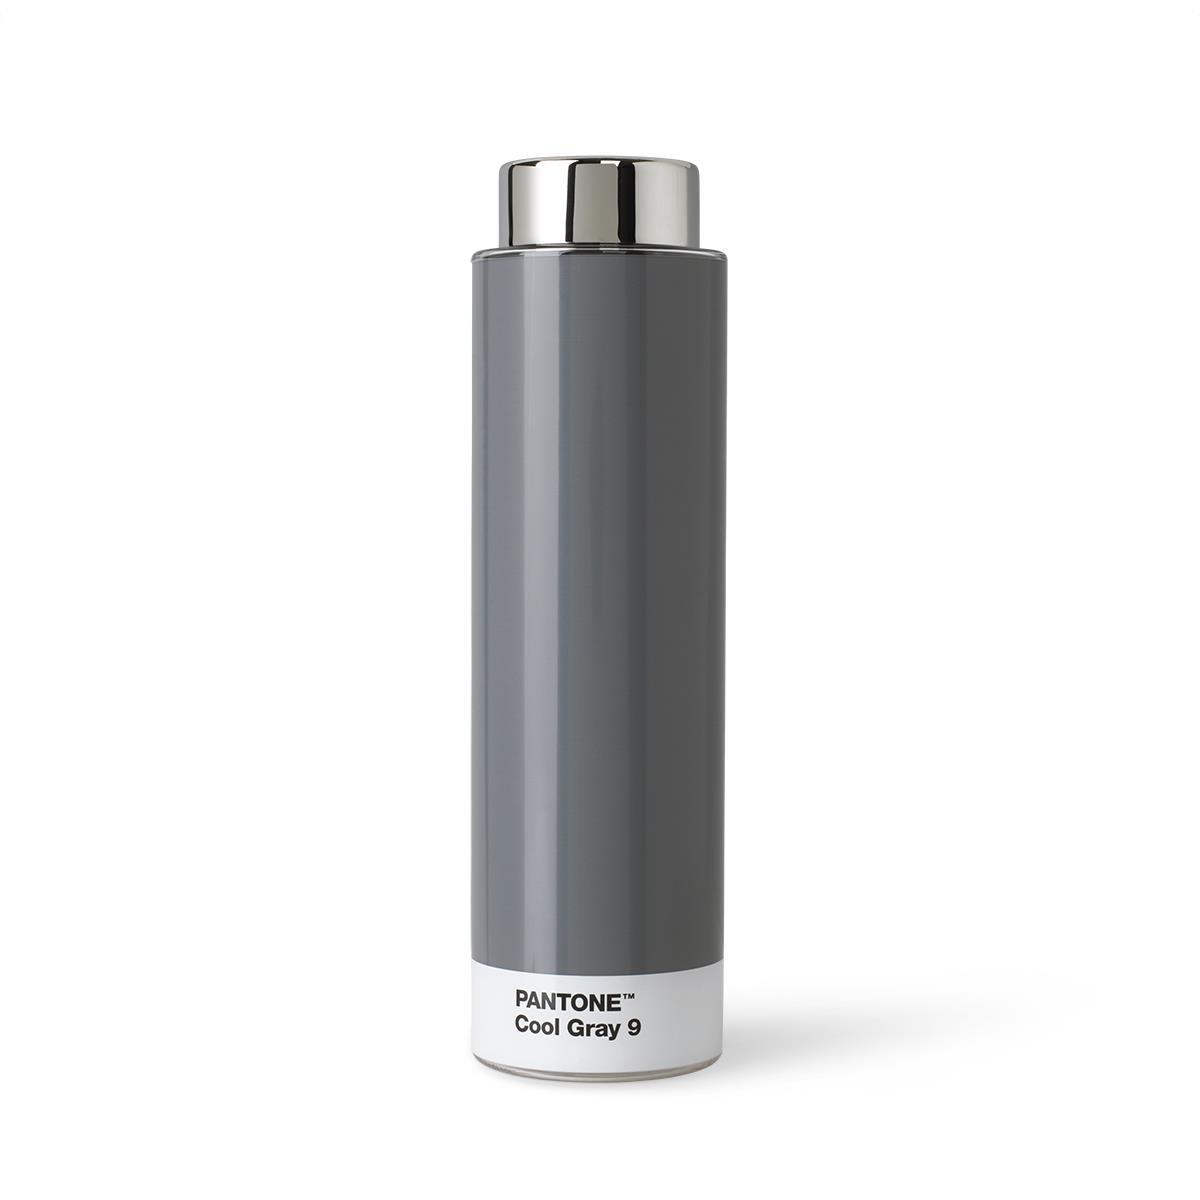 Borraccia Tritan - 500 ml - Acciaio Inossidabile - Grigio Freddo 9 - Set da 6 Pezzi